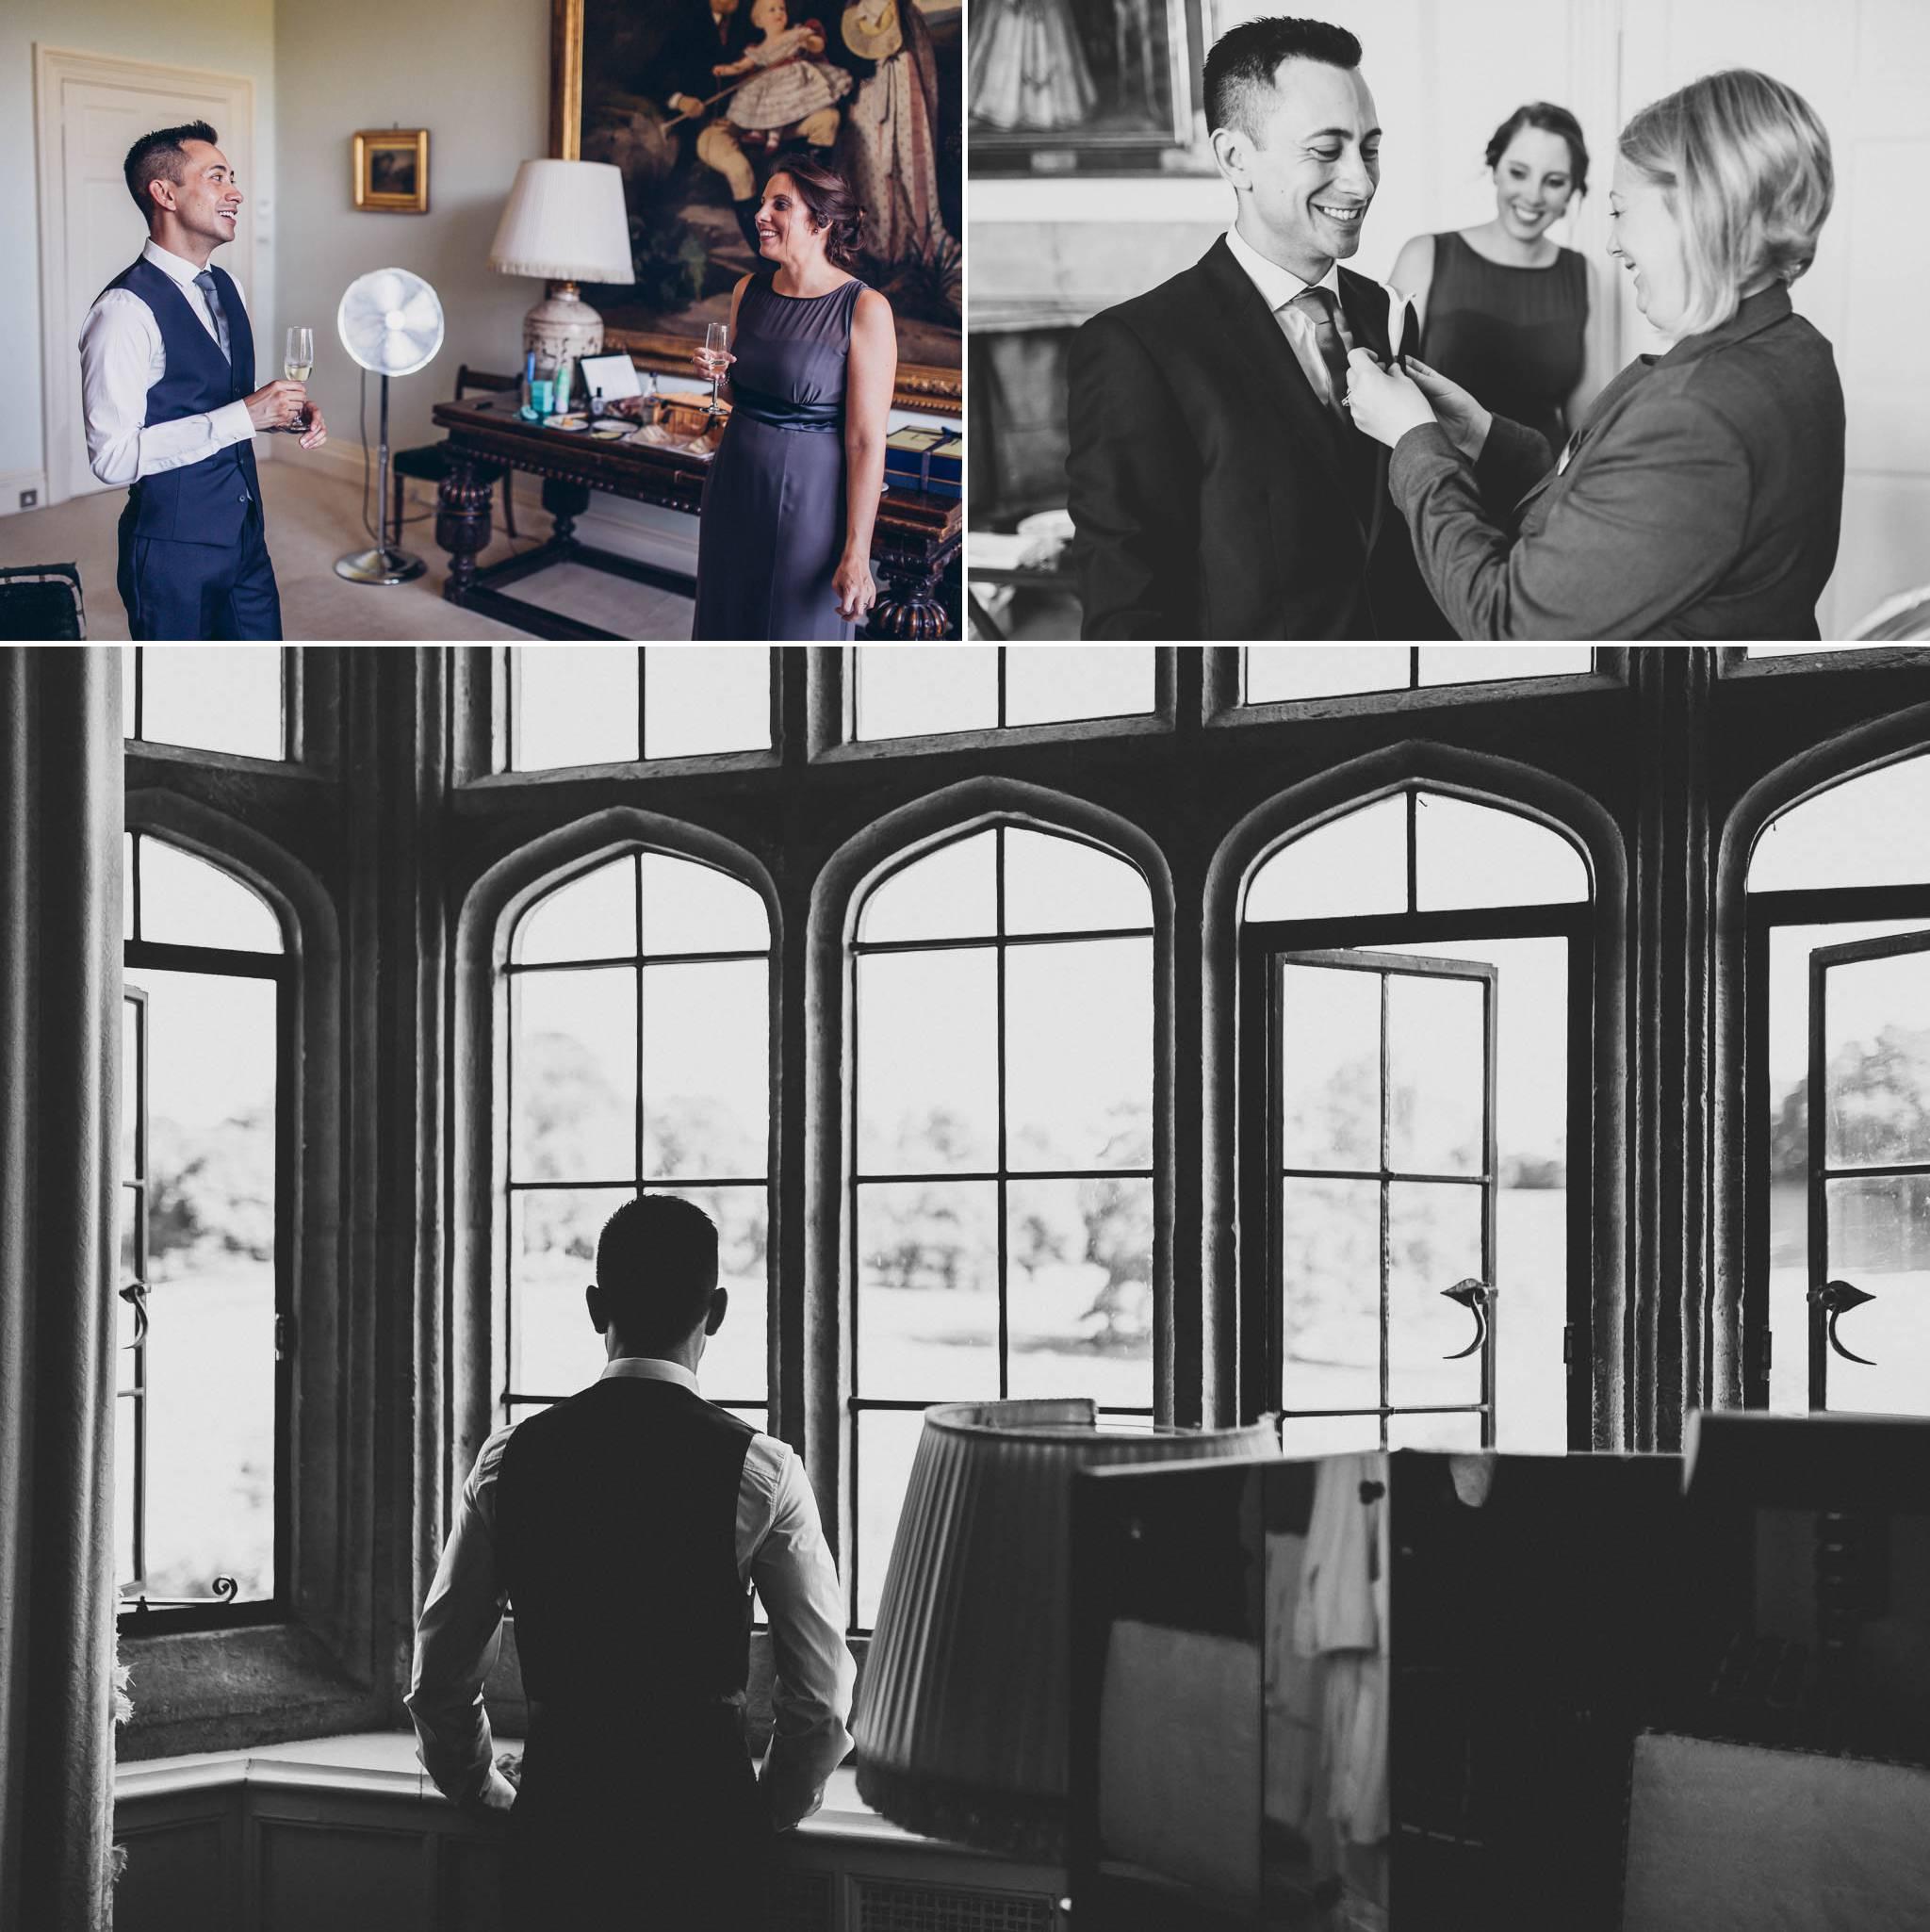 leeds-castle-wedding-photography 13.jpg